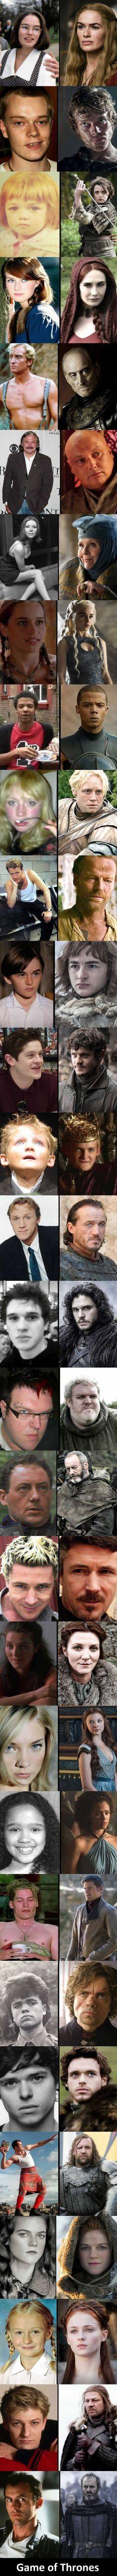 gra o tron aktorzy